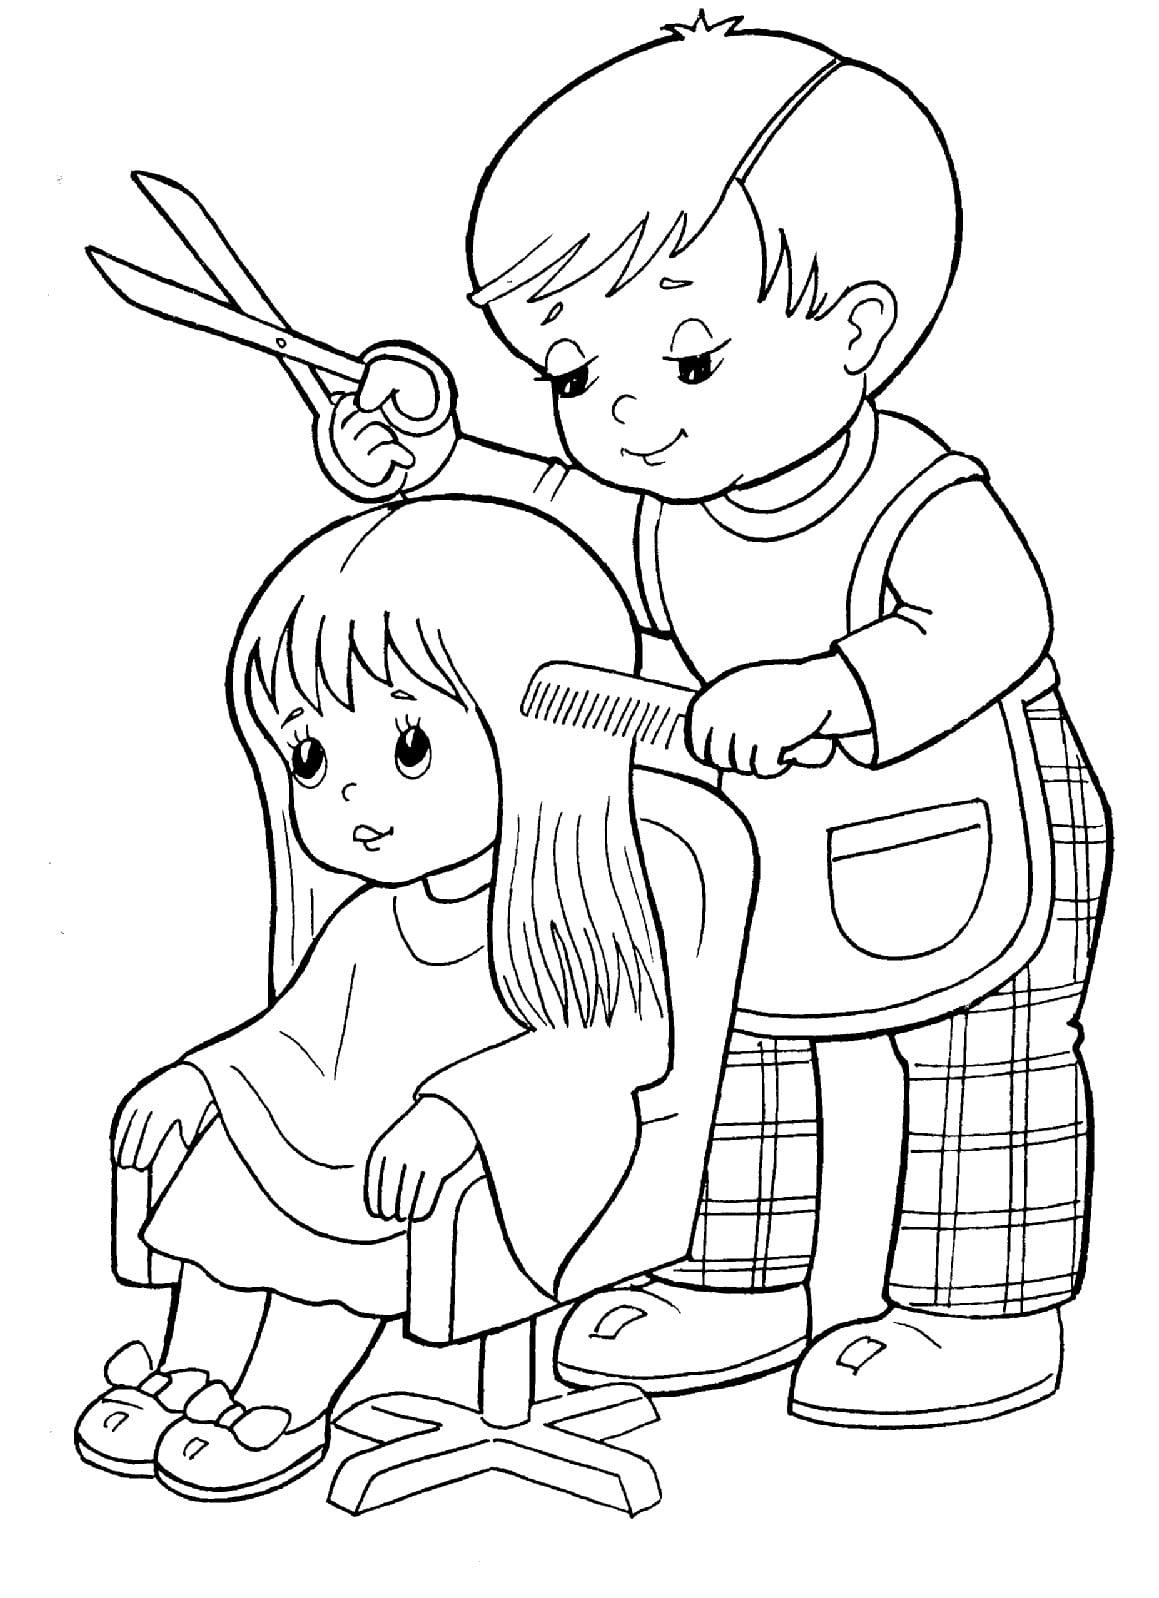 Картинки профессии для детей детского сада. Раскраски ...